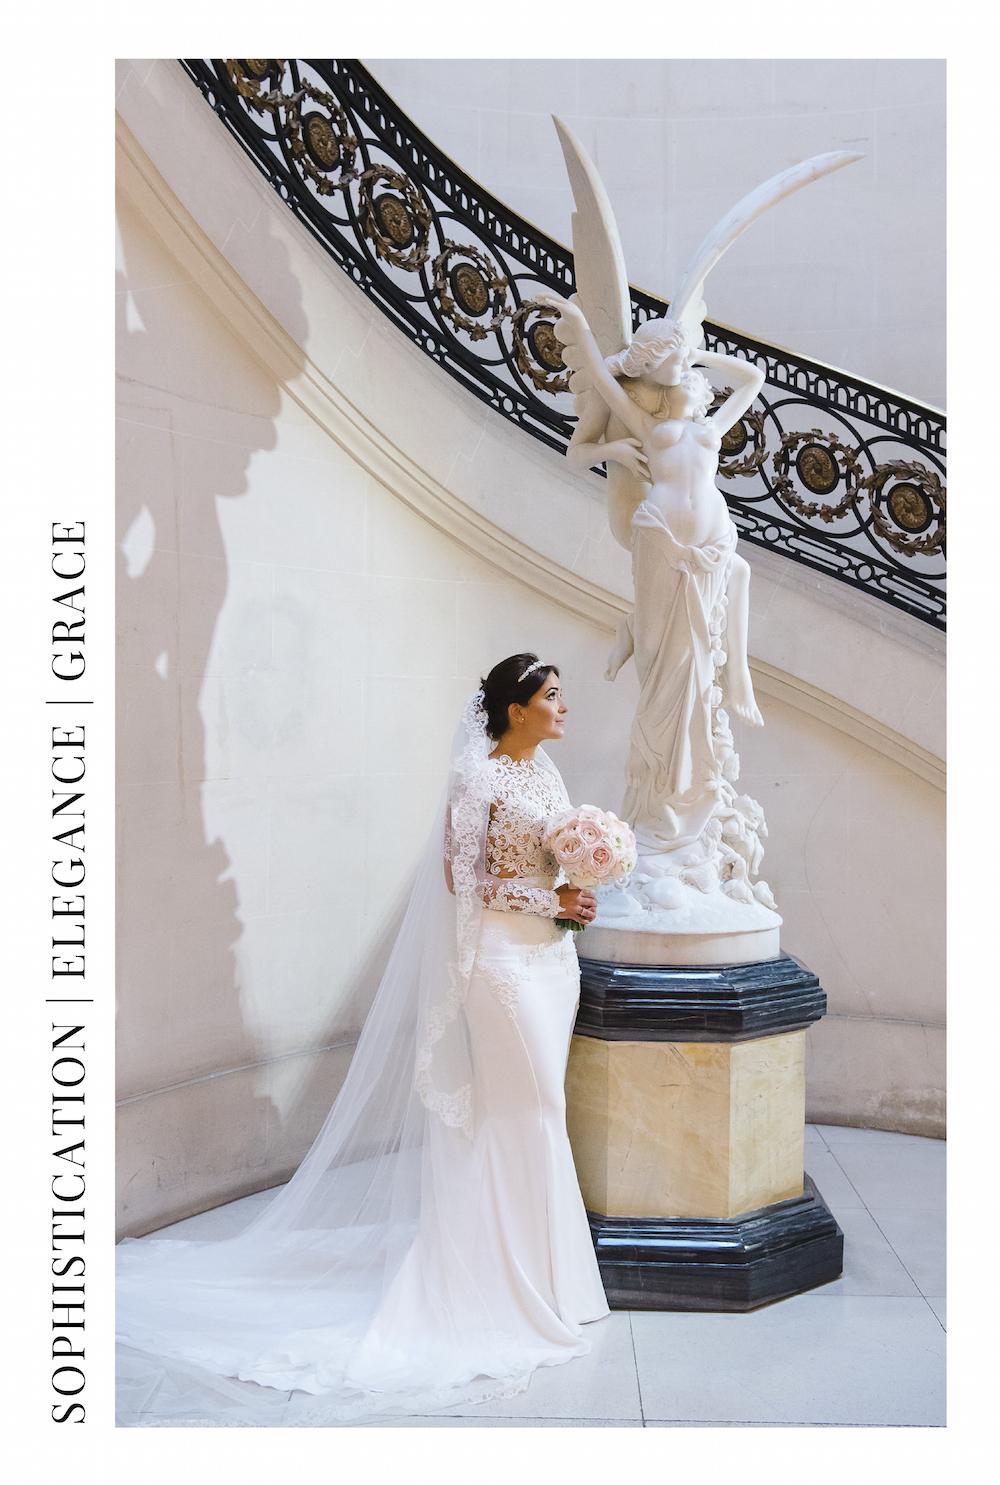 sophistication-elegance-grace-julie-nicholls-weddings-02.jpg